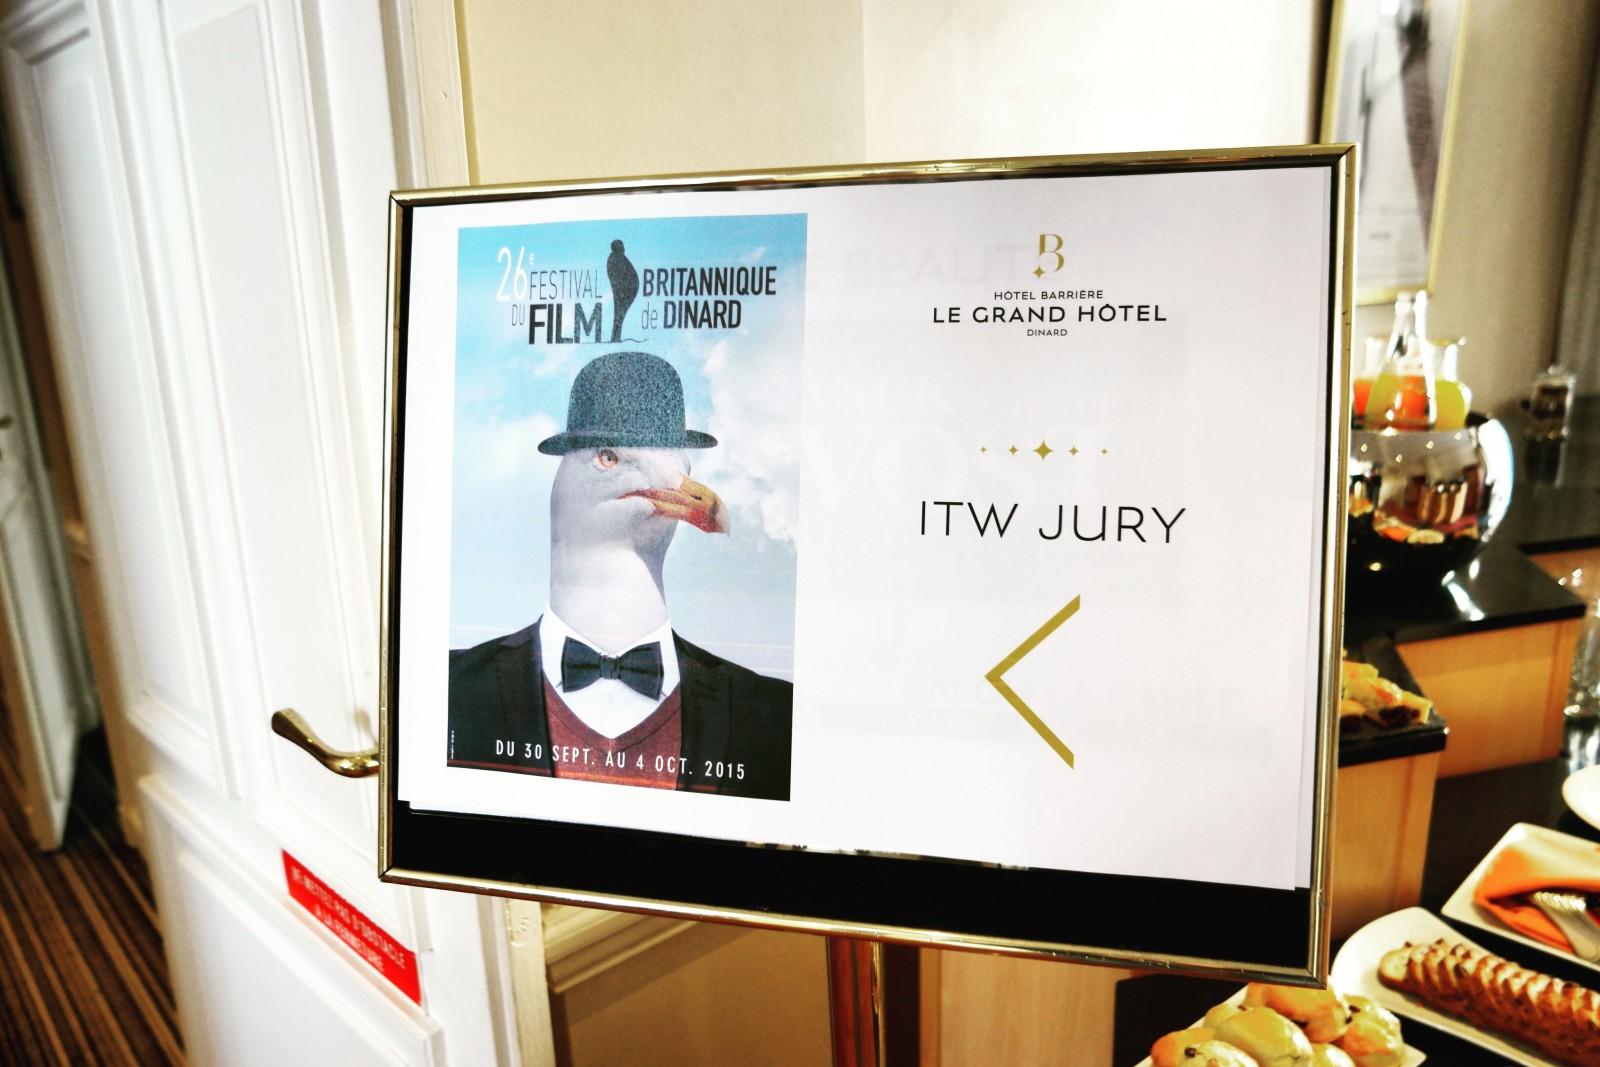 Panneau interview des membres du jury festival du film britannique de dinard Grand Hotel Barrière photo usofparis blog